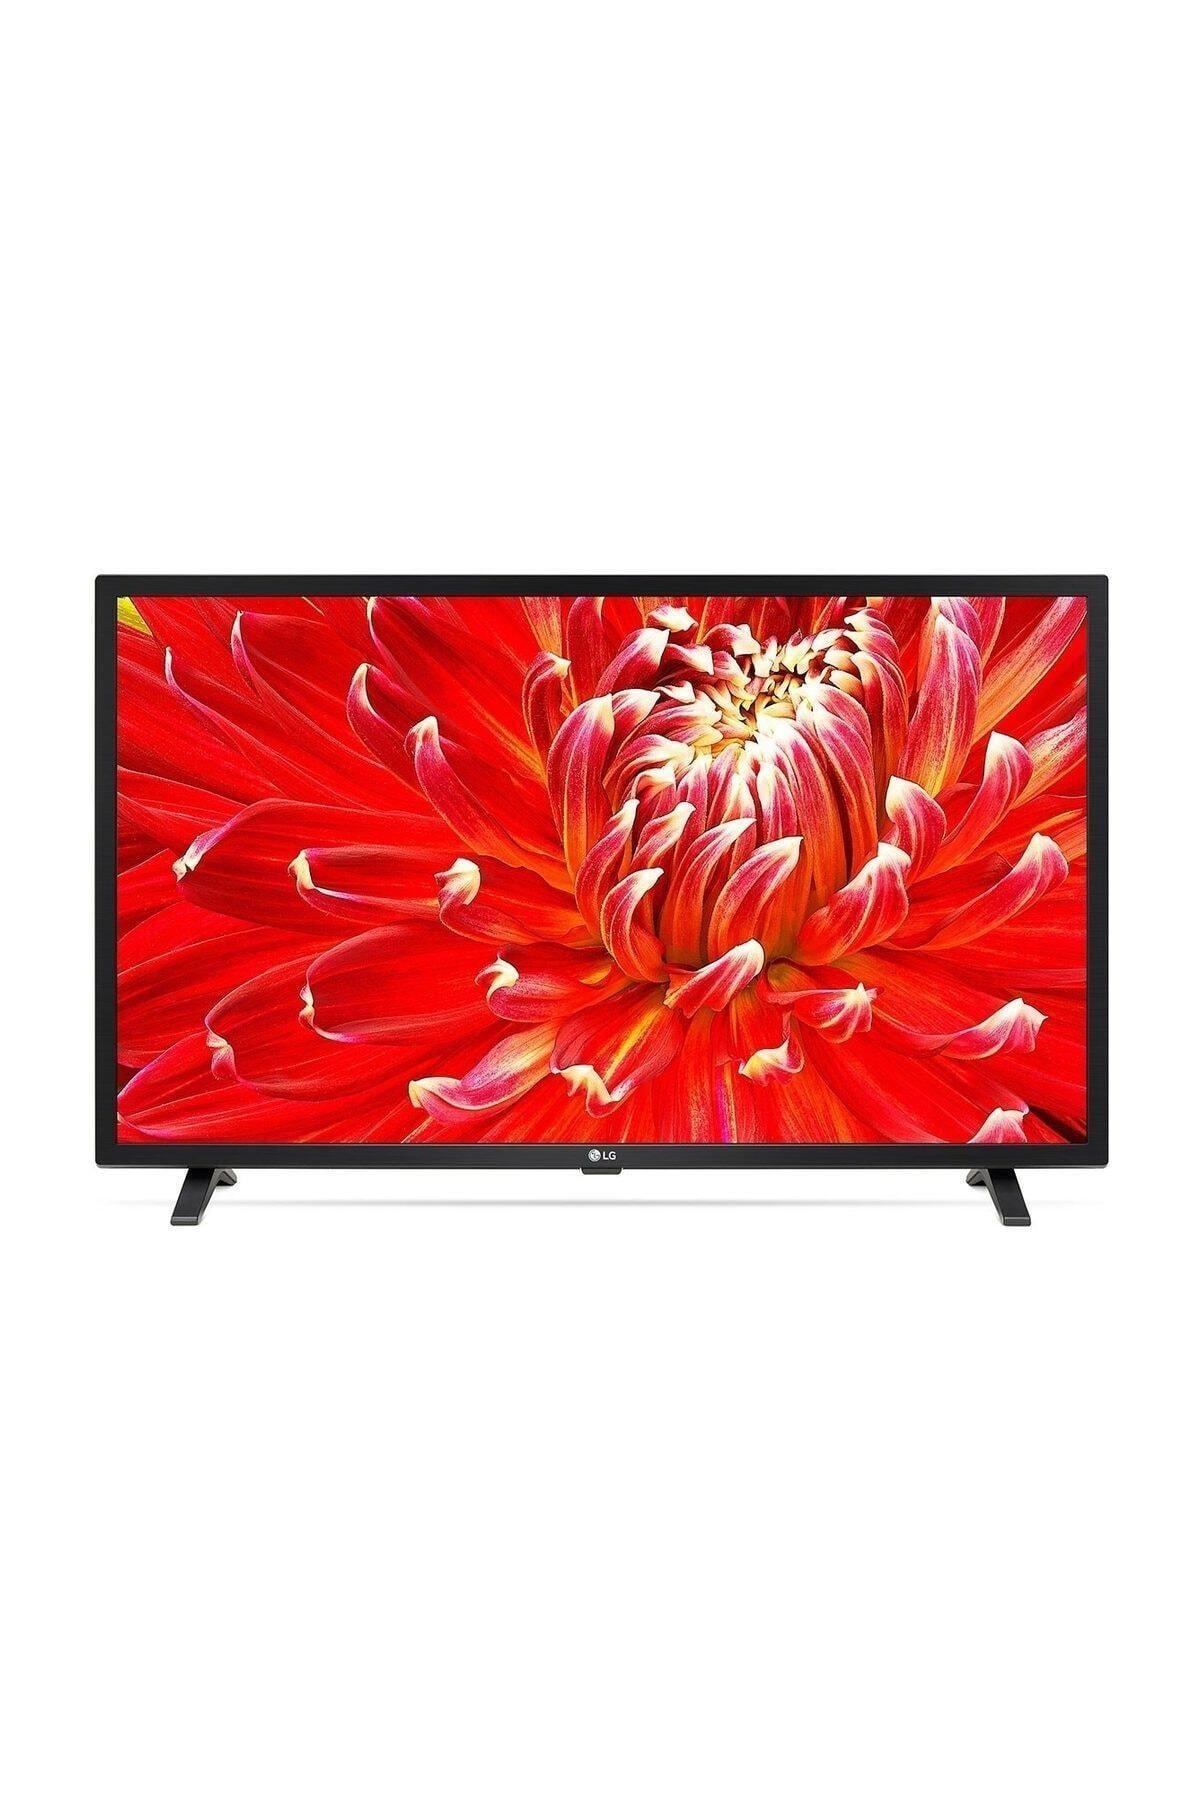 """32LM6300 32"""" 81 Ekran Uydu Alıcılı Full HD Smart LED TV"""